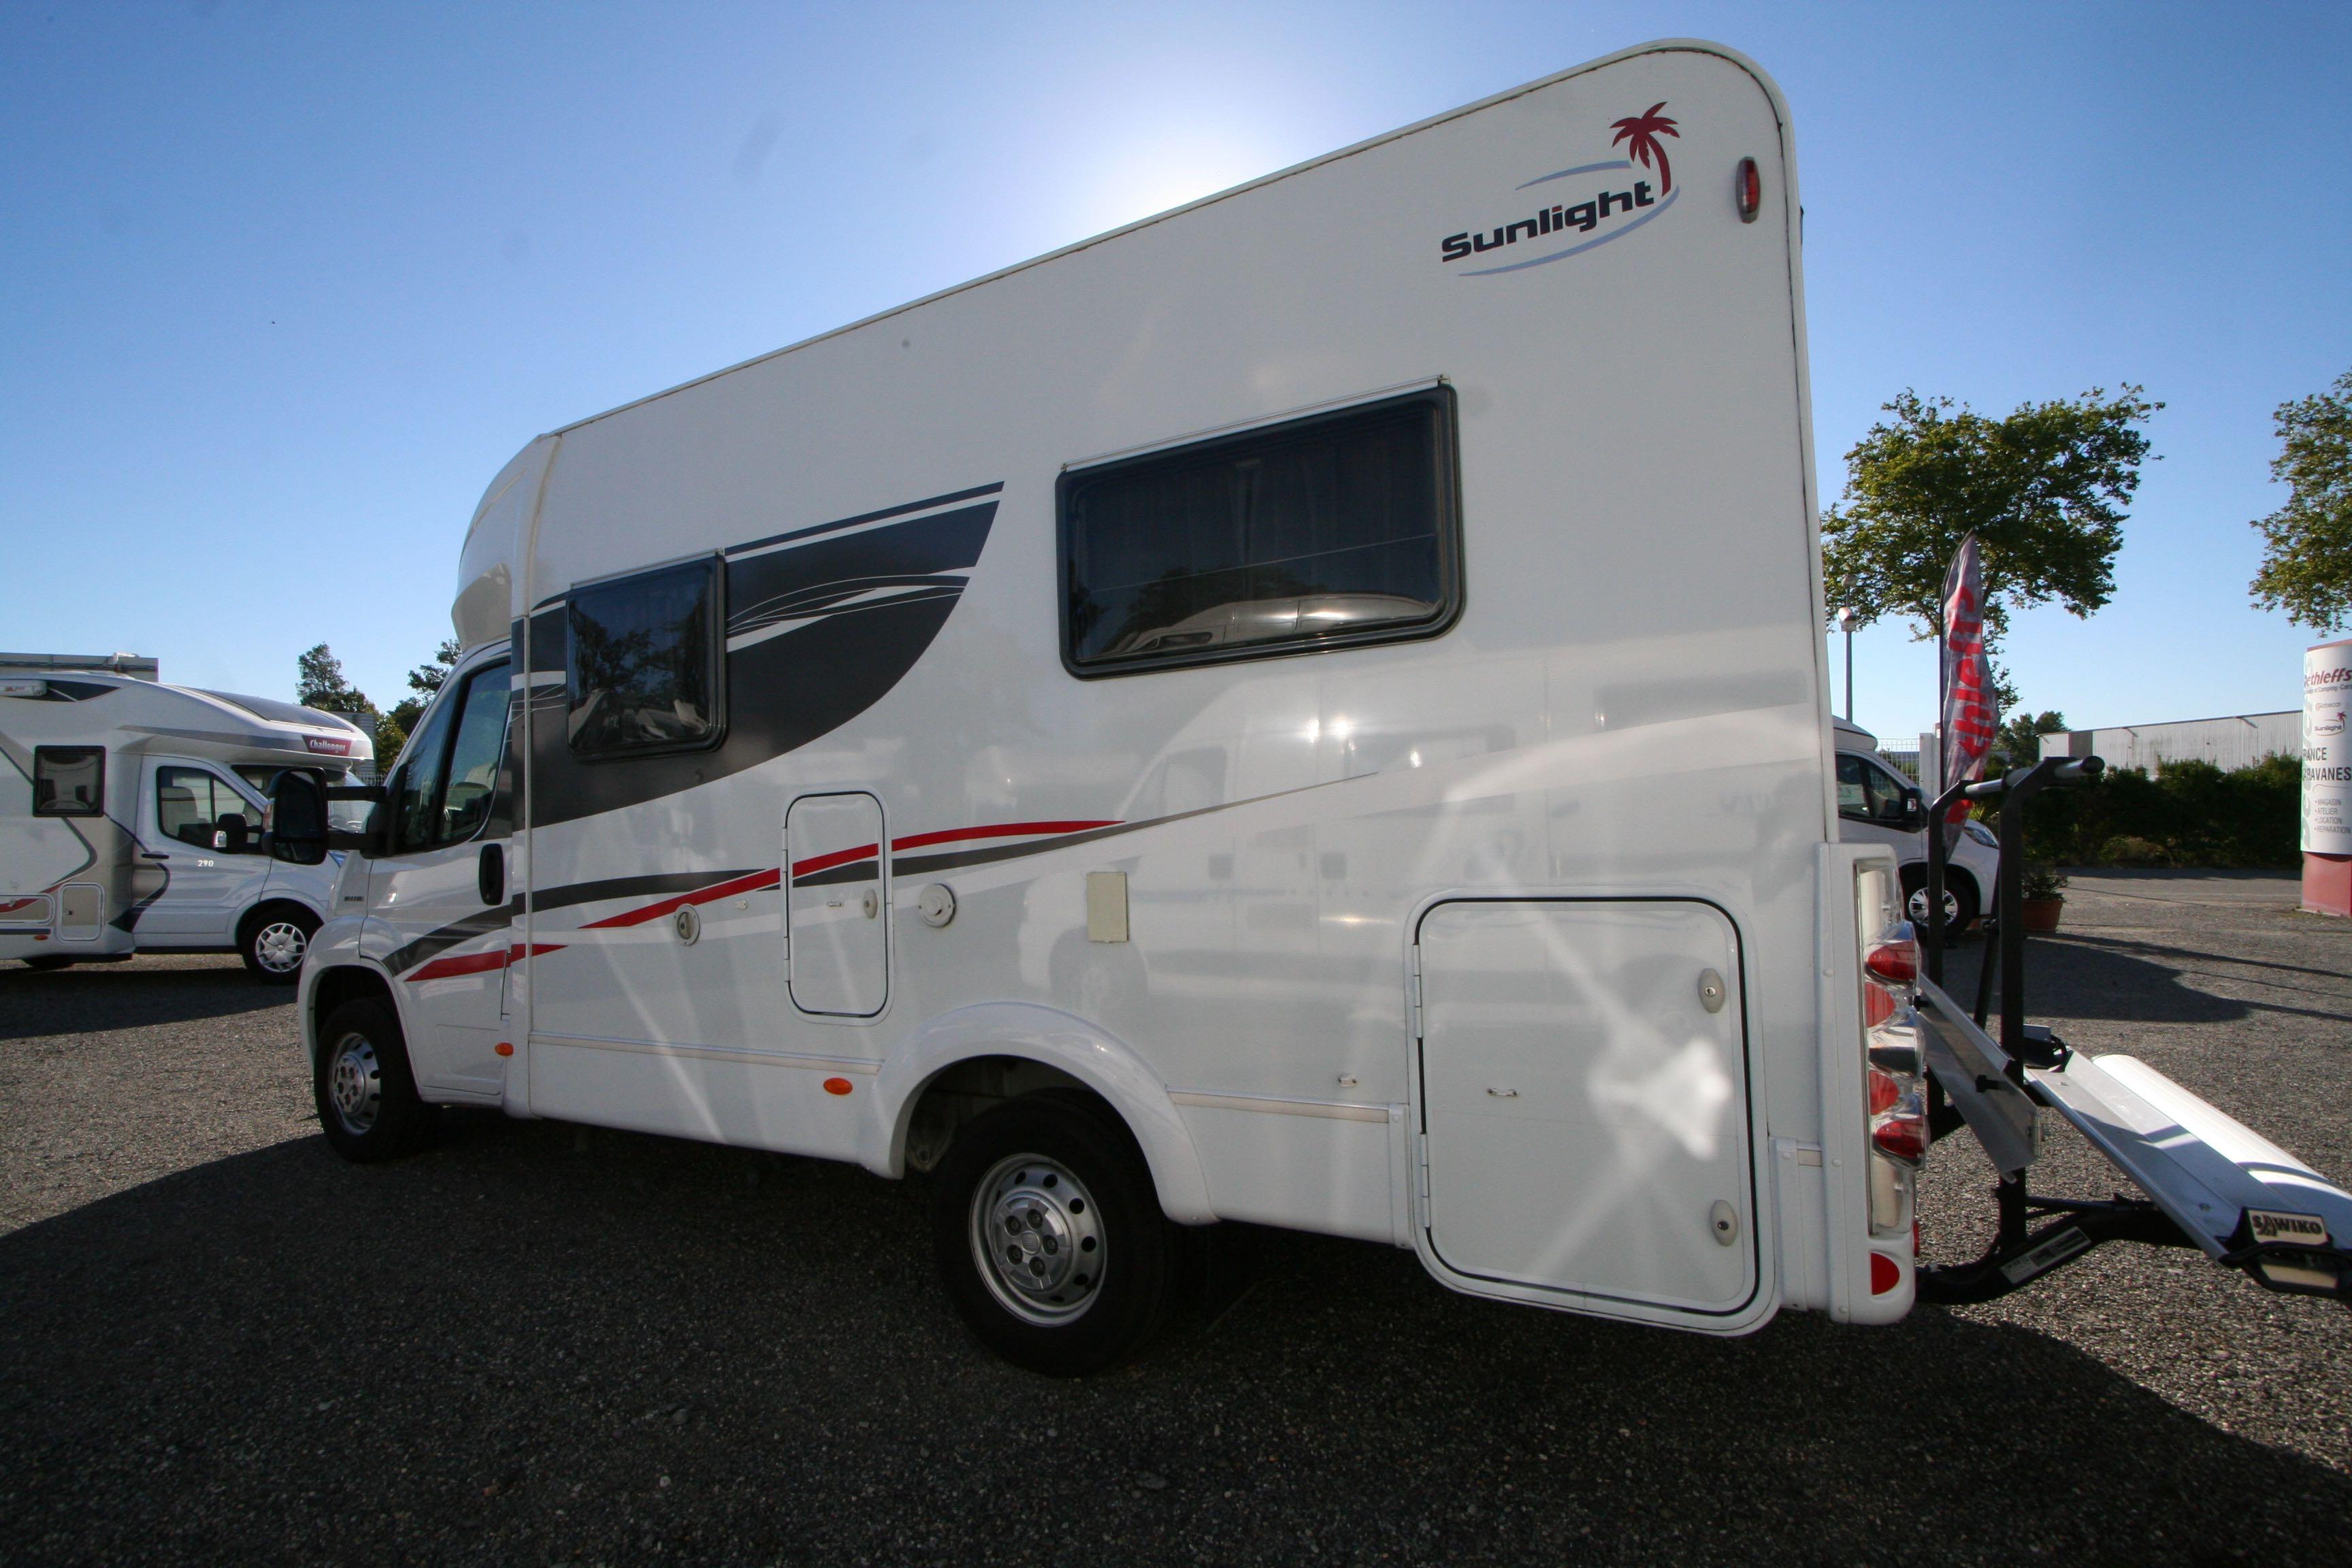 sunlight t 58 occasion fiat camping car en vente roques sur garonne haute garonne 31. Black Bedroom Furniture Sets. Home Design Ideas